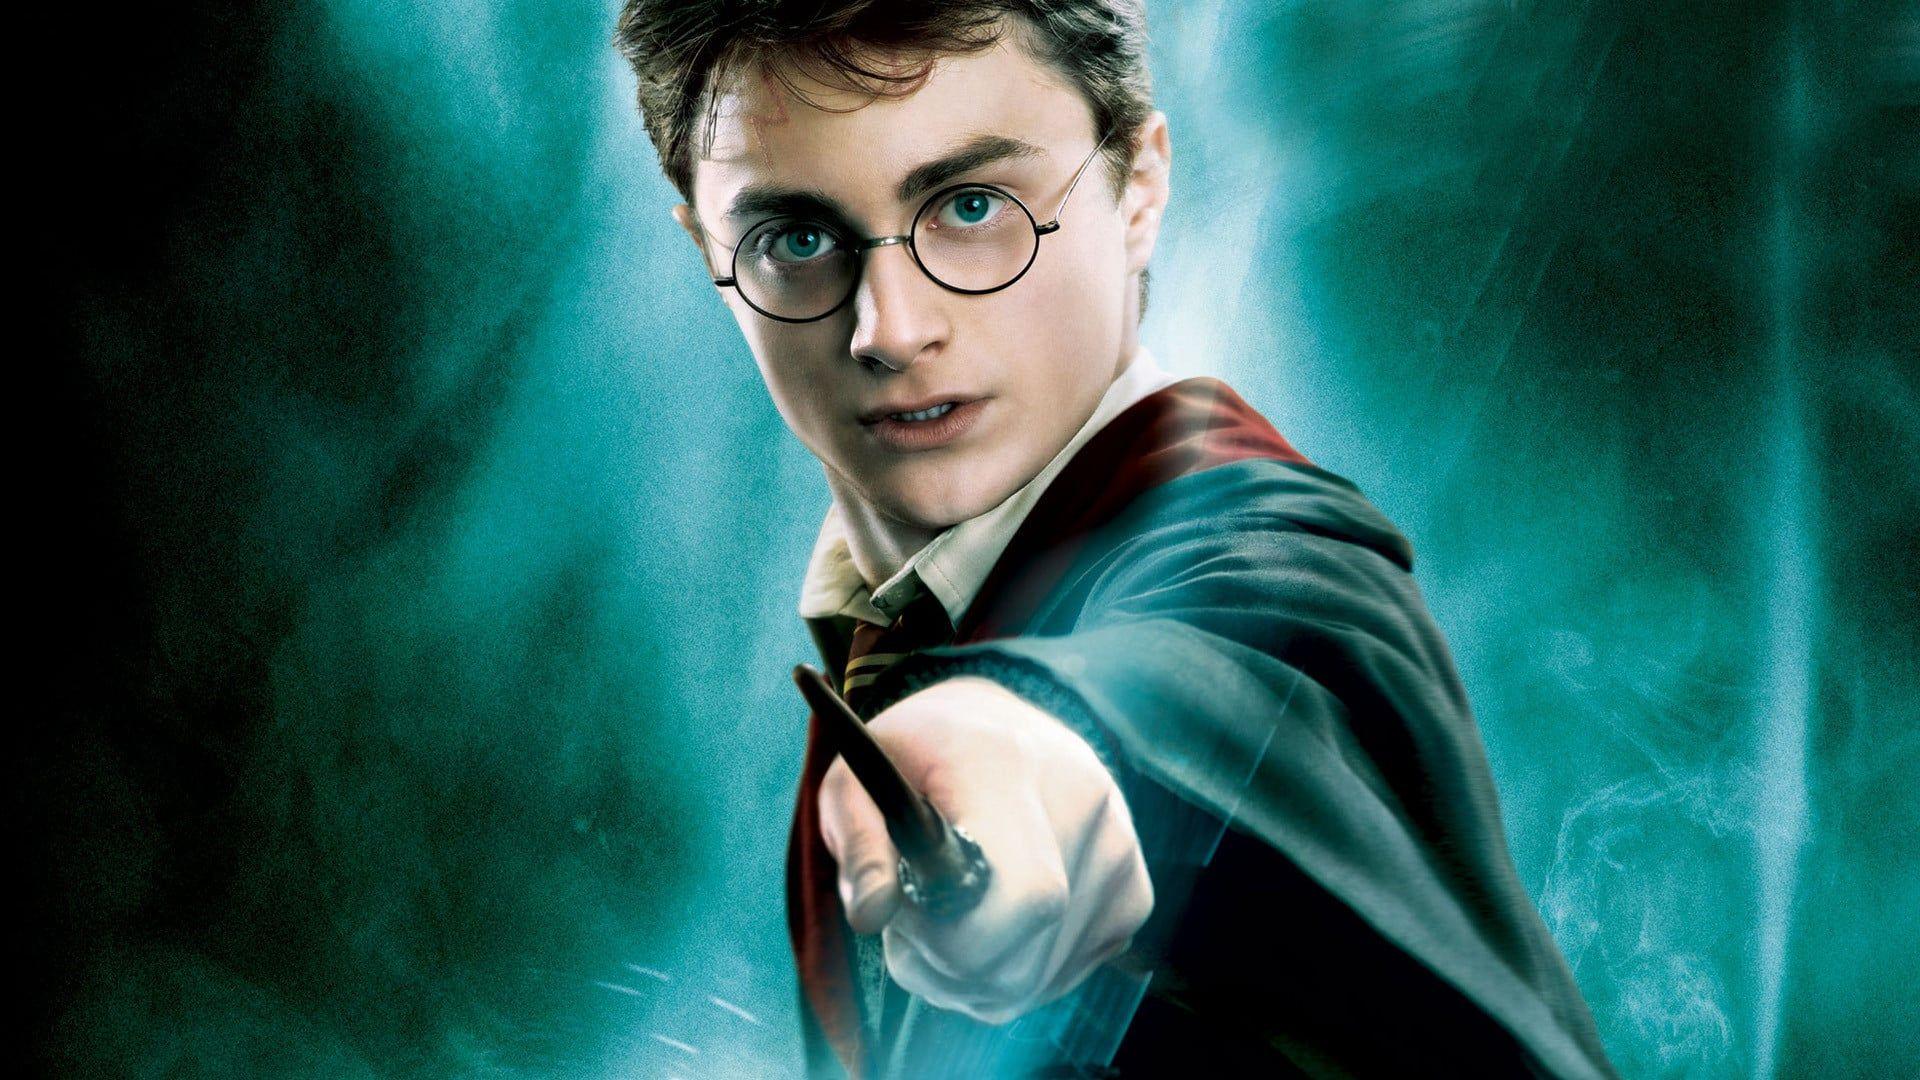 A Kalandosra Sikeredett Nyari Vakacio Utan Harry Potter Visszater Roxfortba A Sotet Varazsl Harry Potter Wallpaper Harry Potter Characters Harry Potter Actors